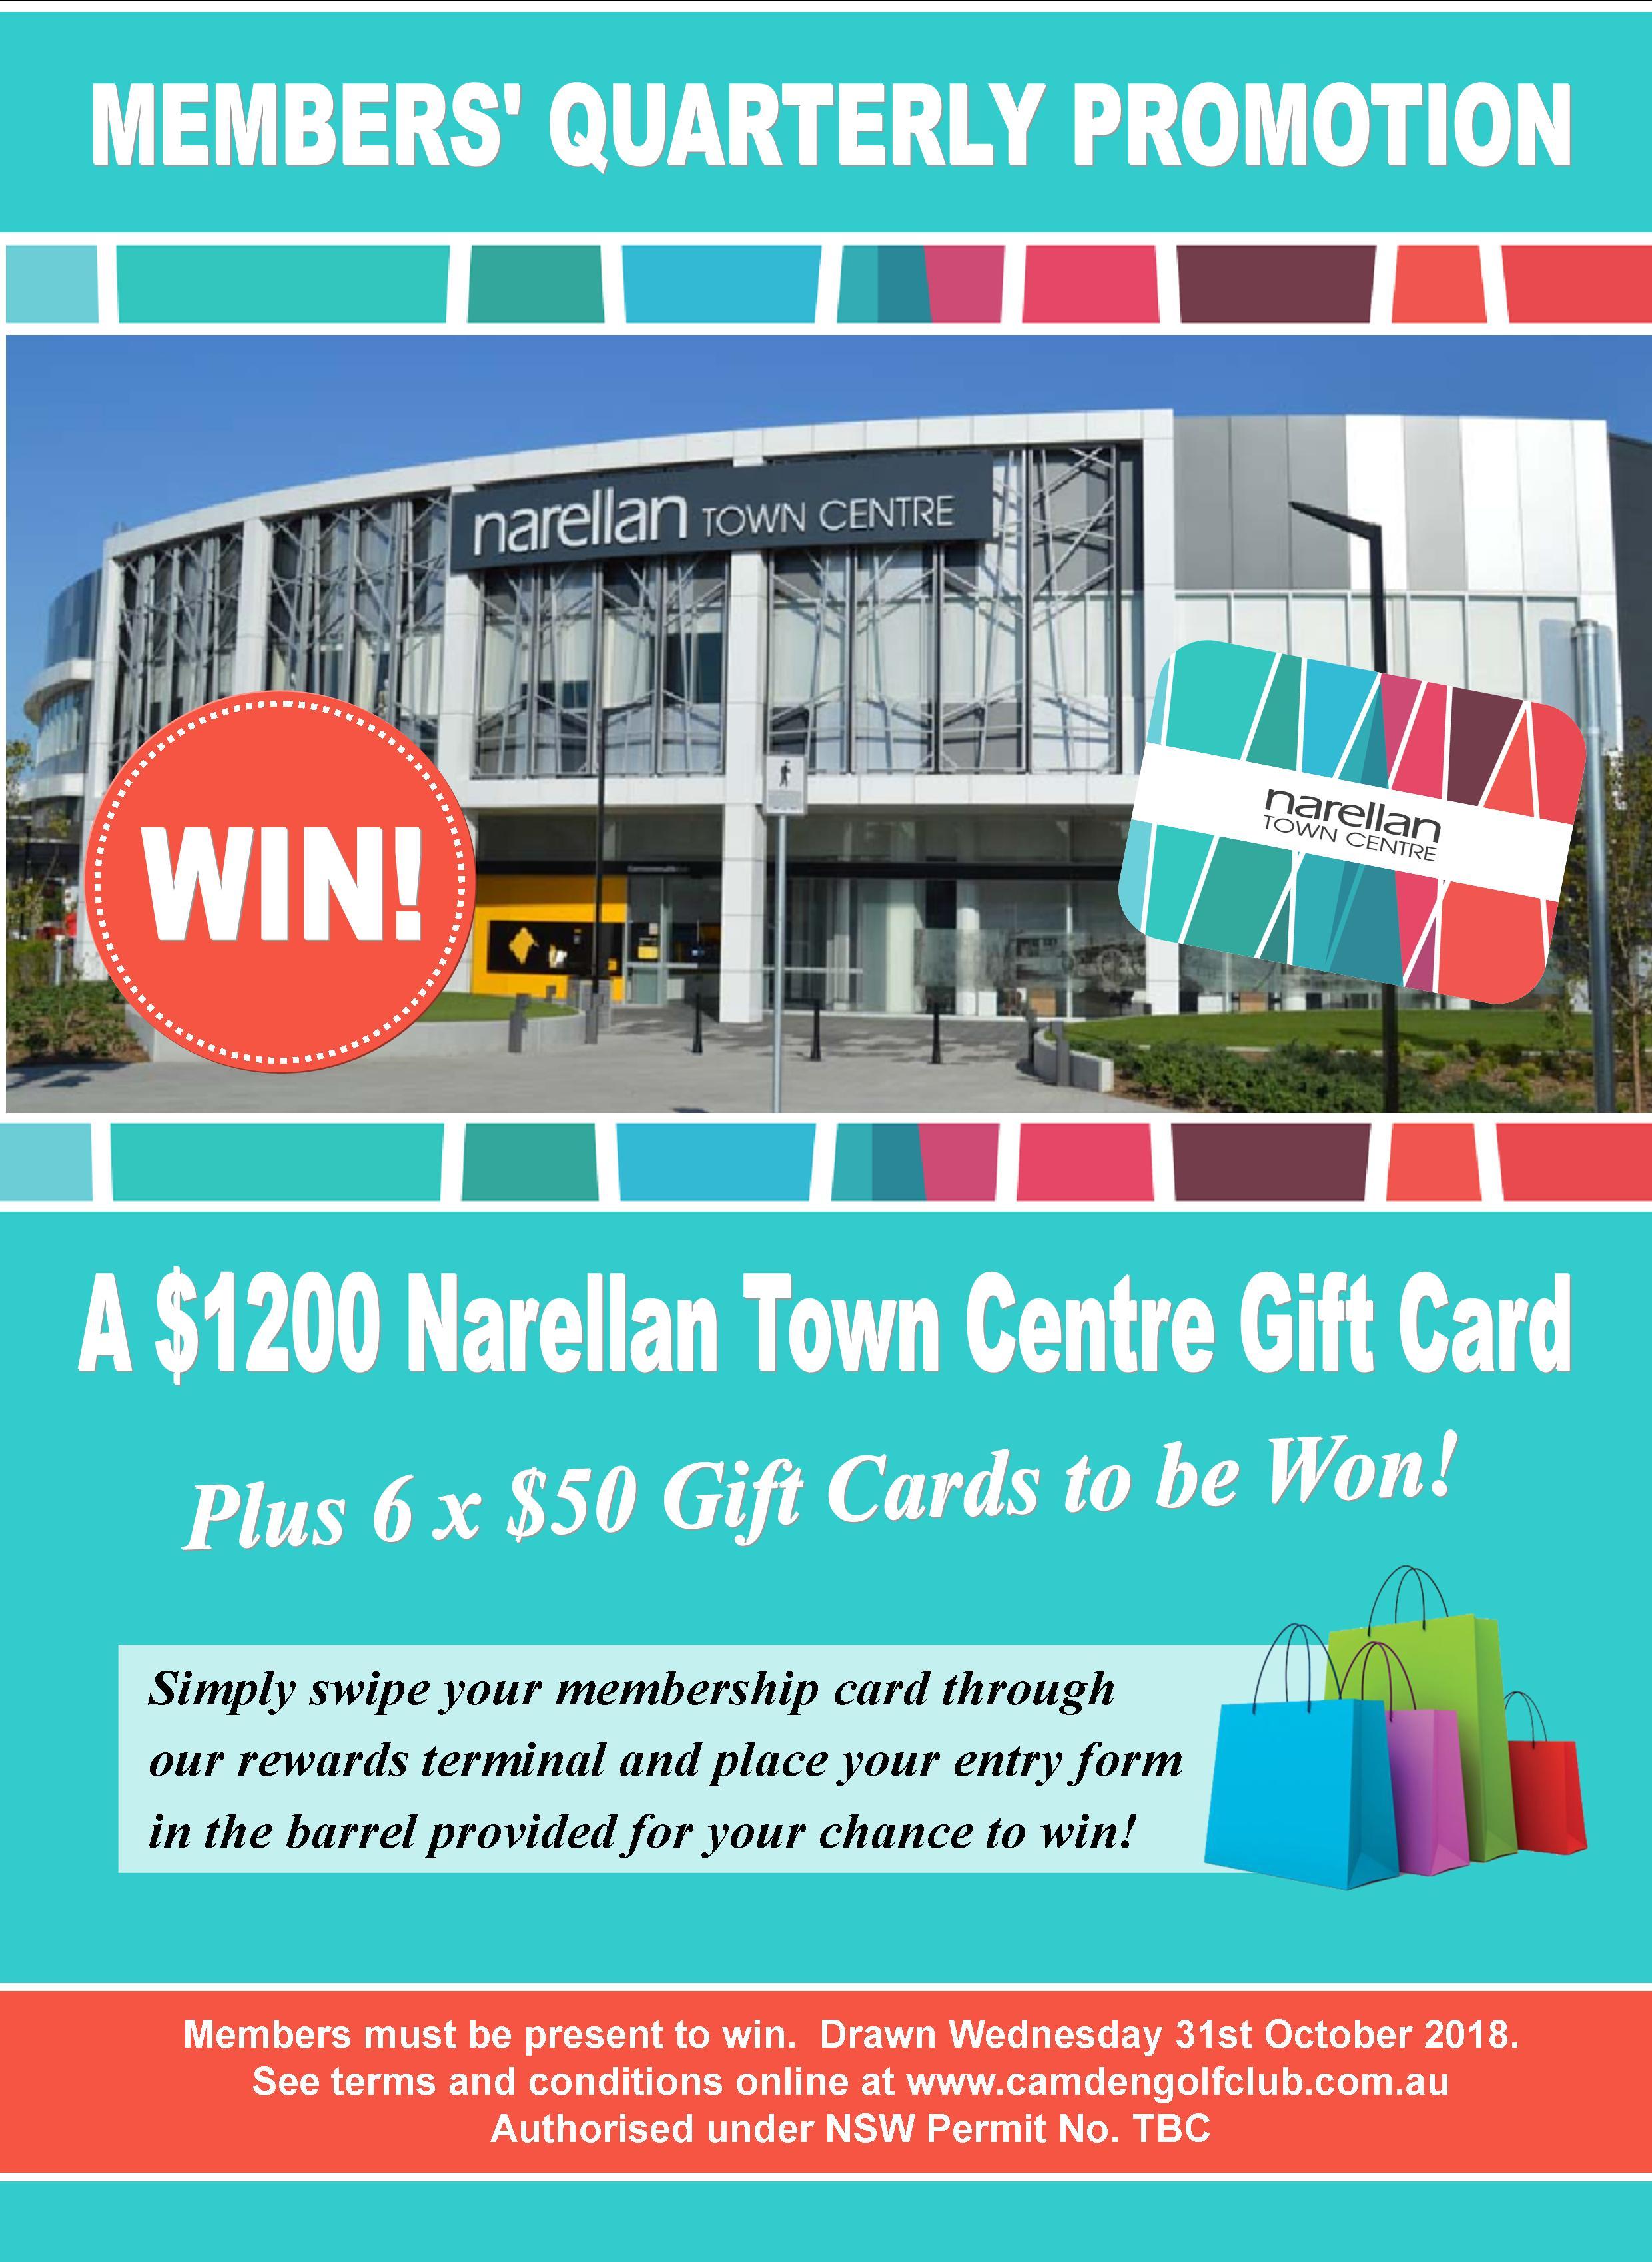 Win a $1200 Narellan Town Centre Gift Card